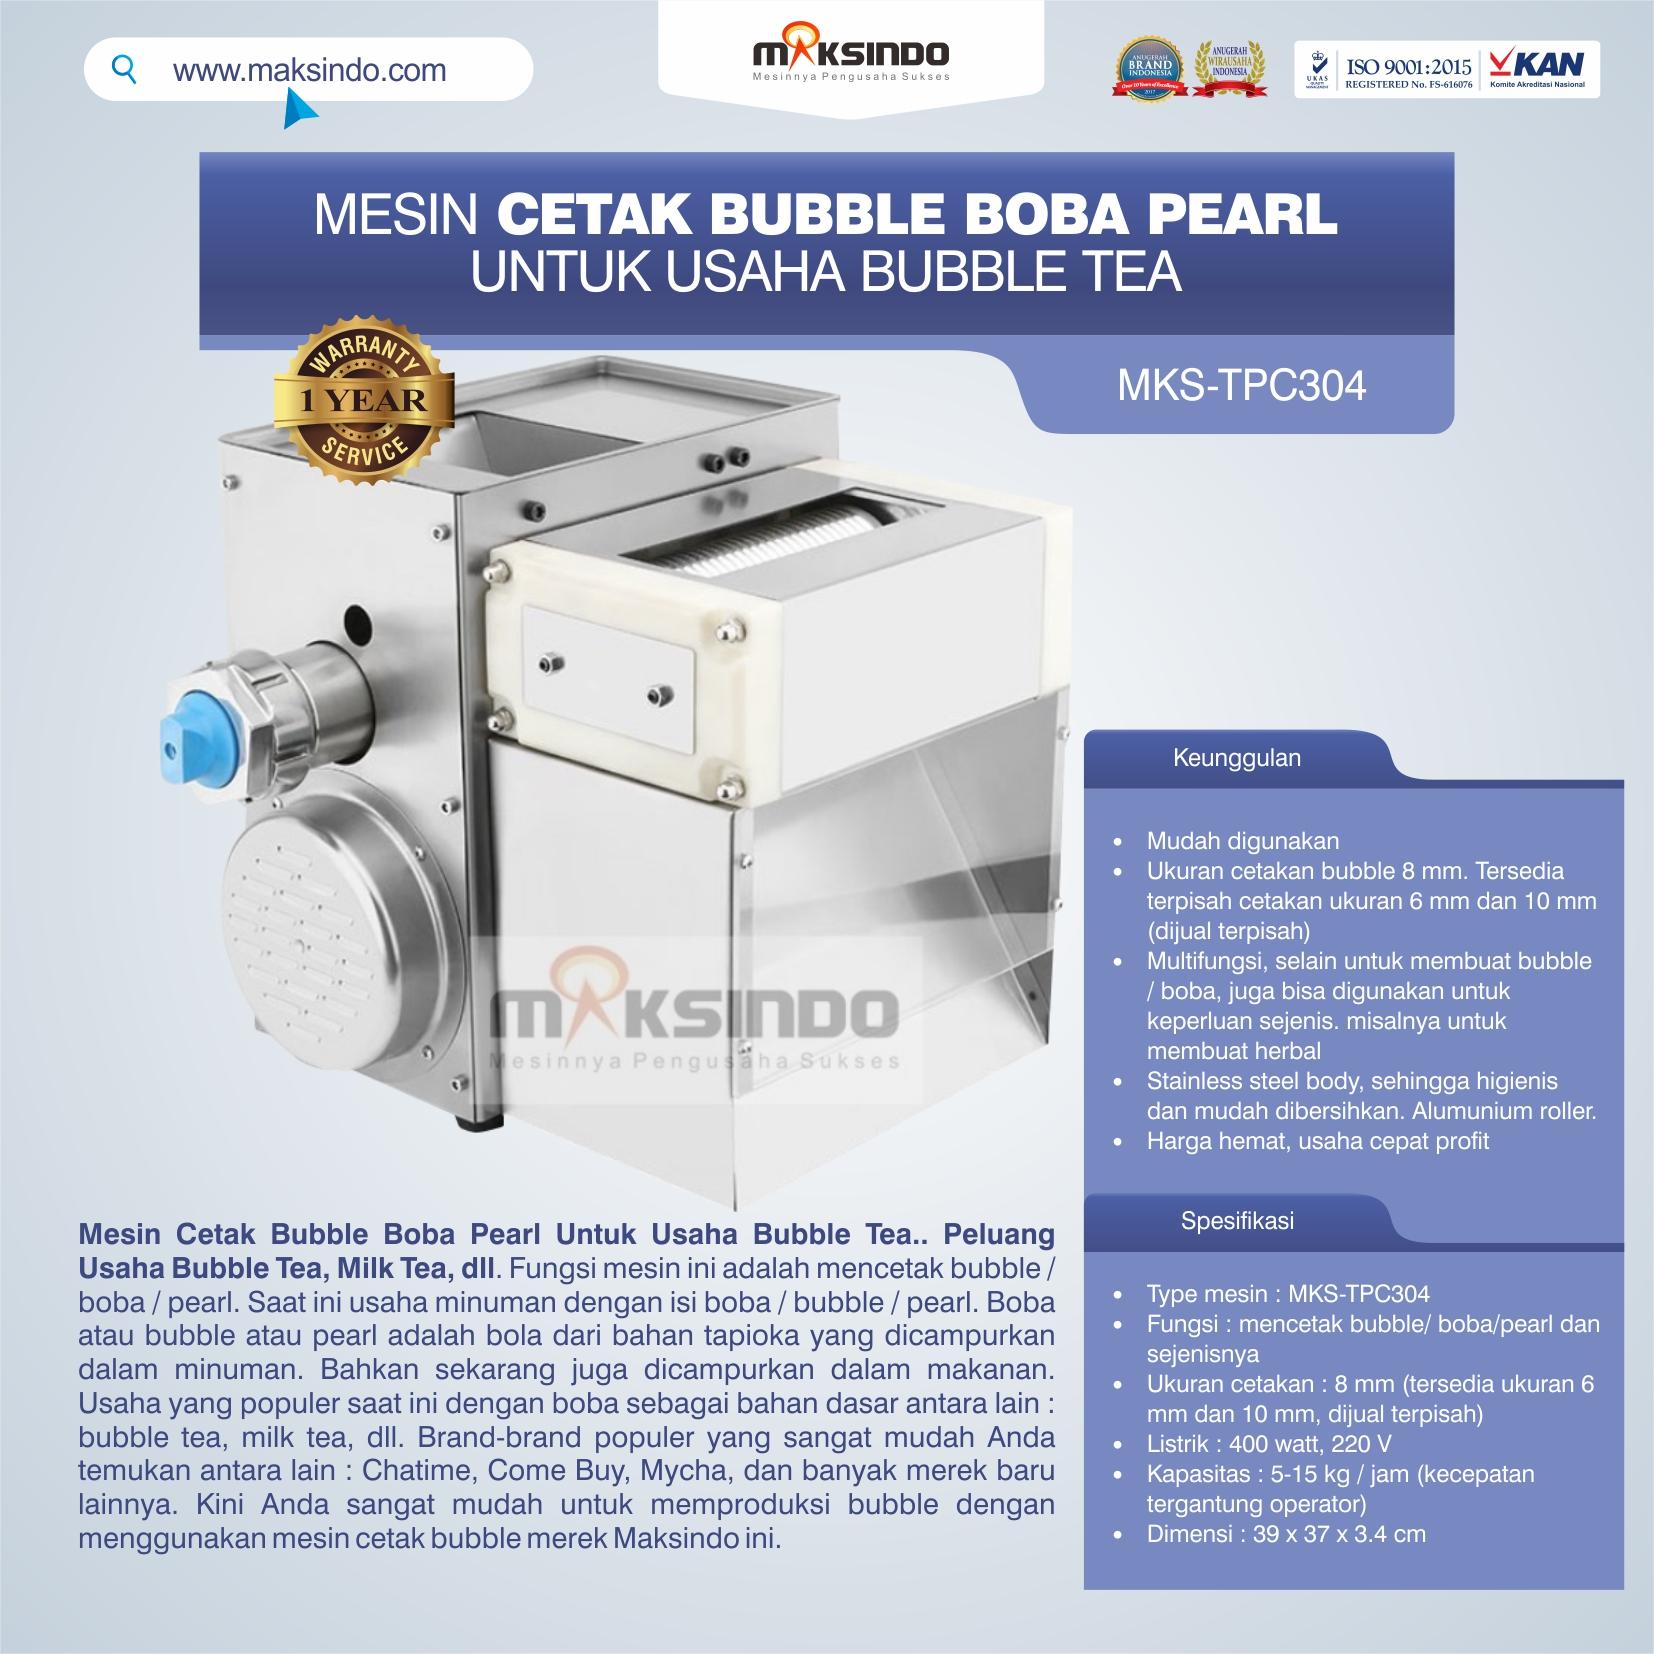 Jual Mesin Cetak Bubble Boba Pearl Untuk Usaha Bubble Tea di Makassar